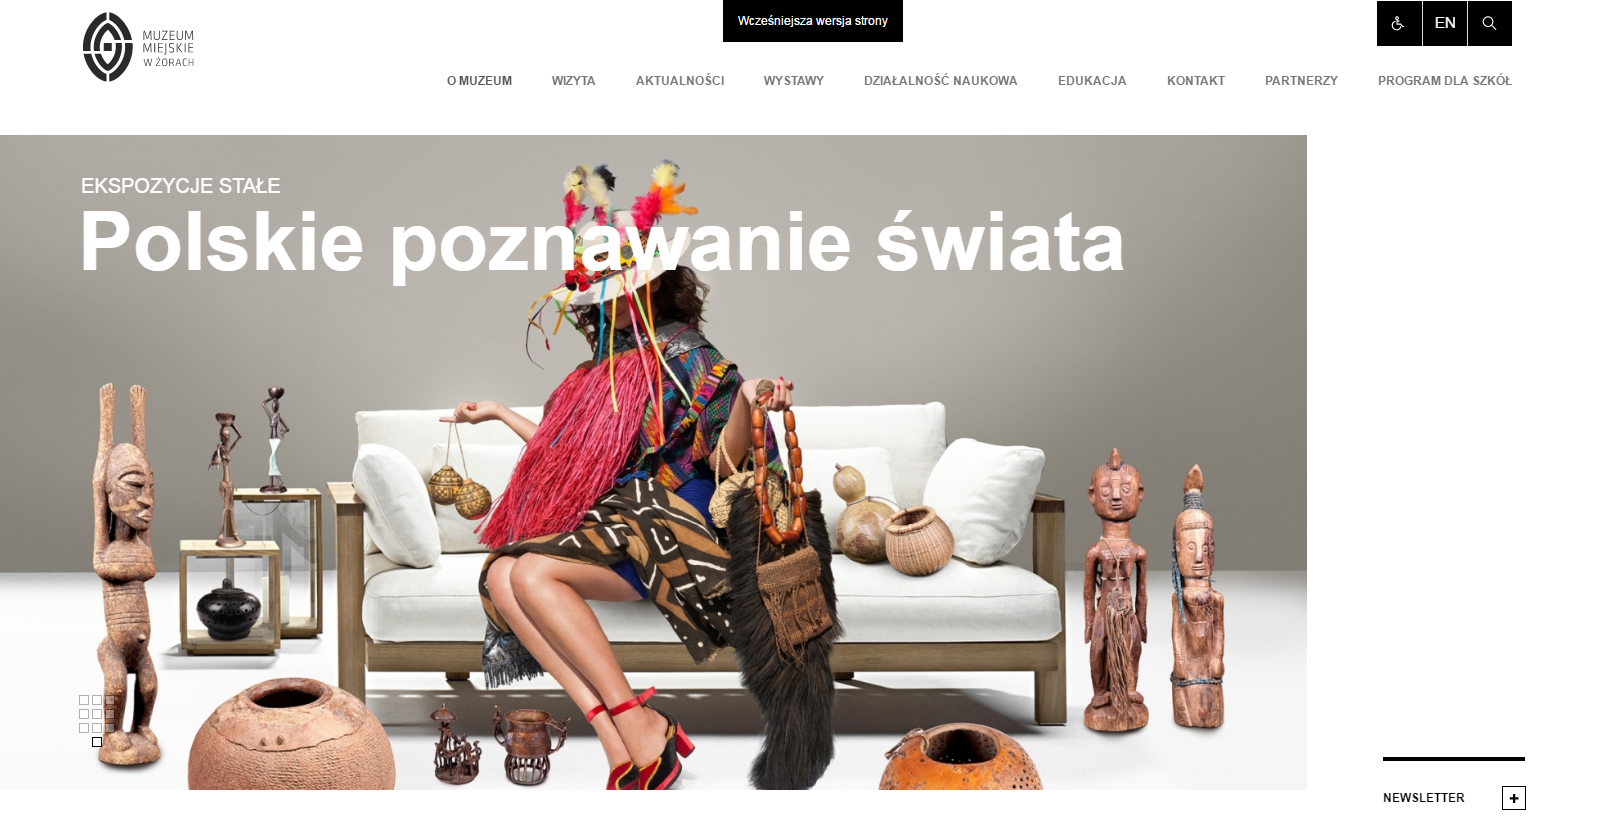 Główna strona portalu internatowego